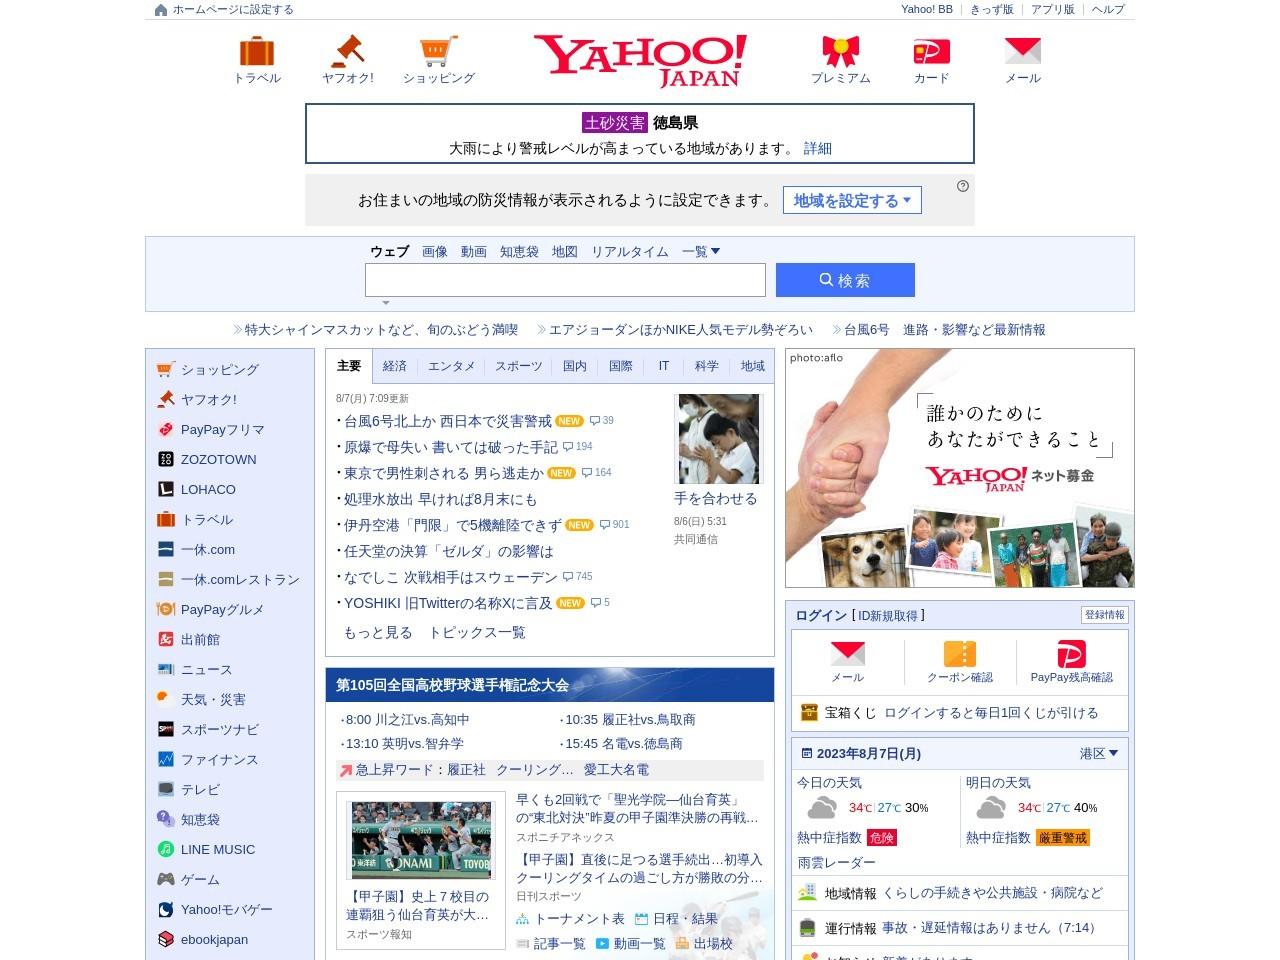 日本雅虎网